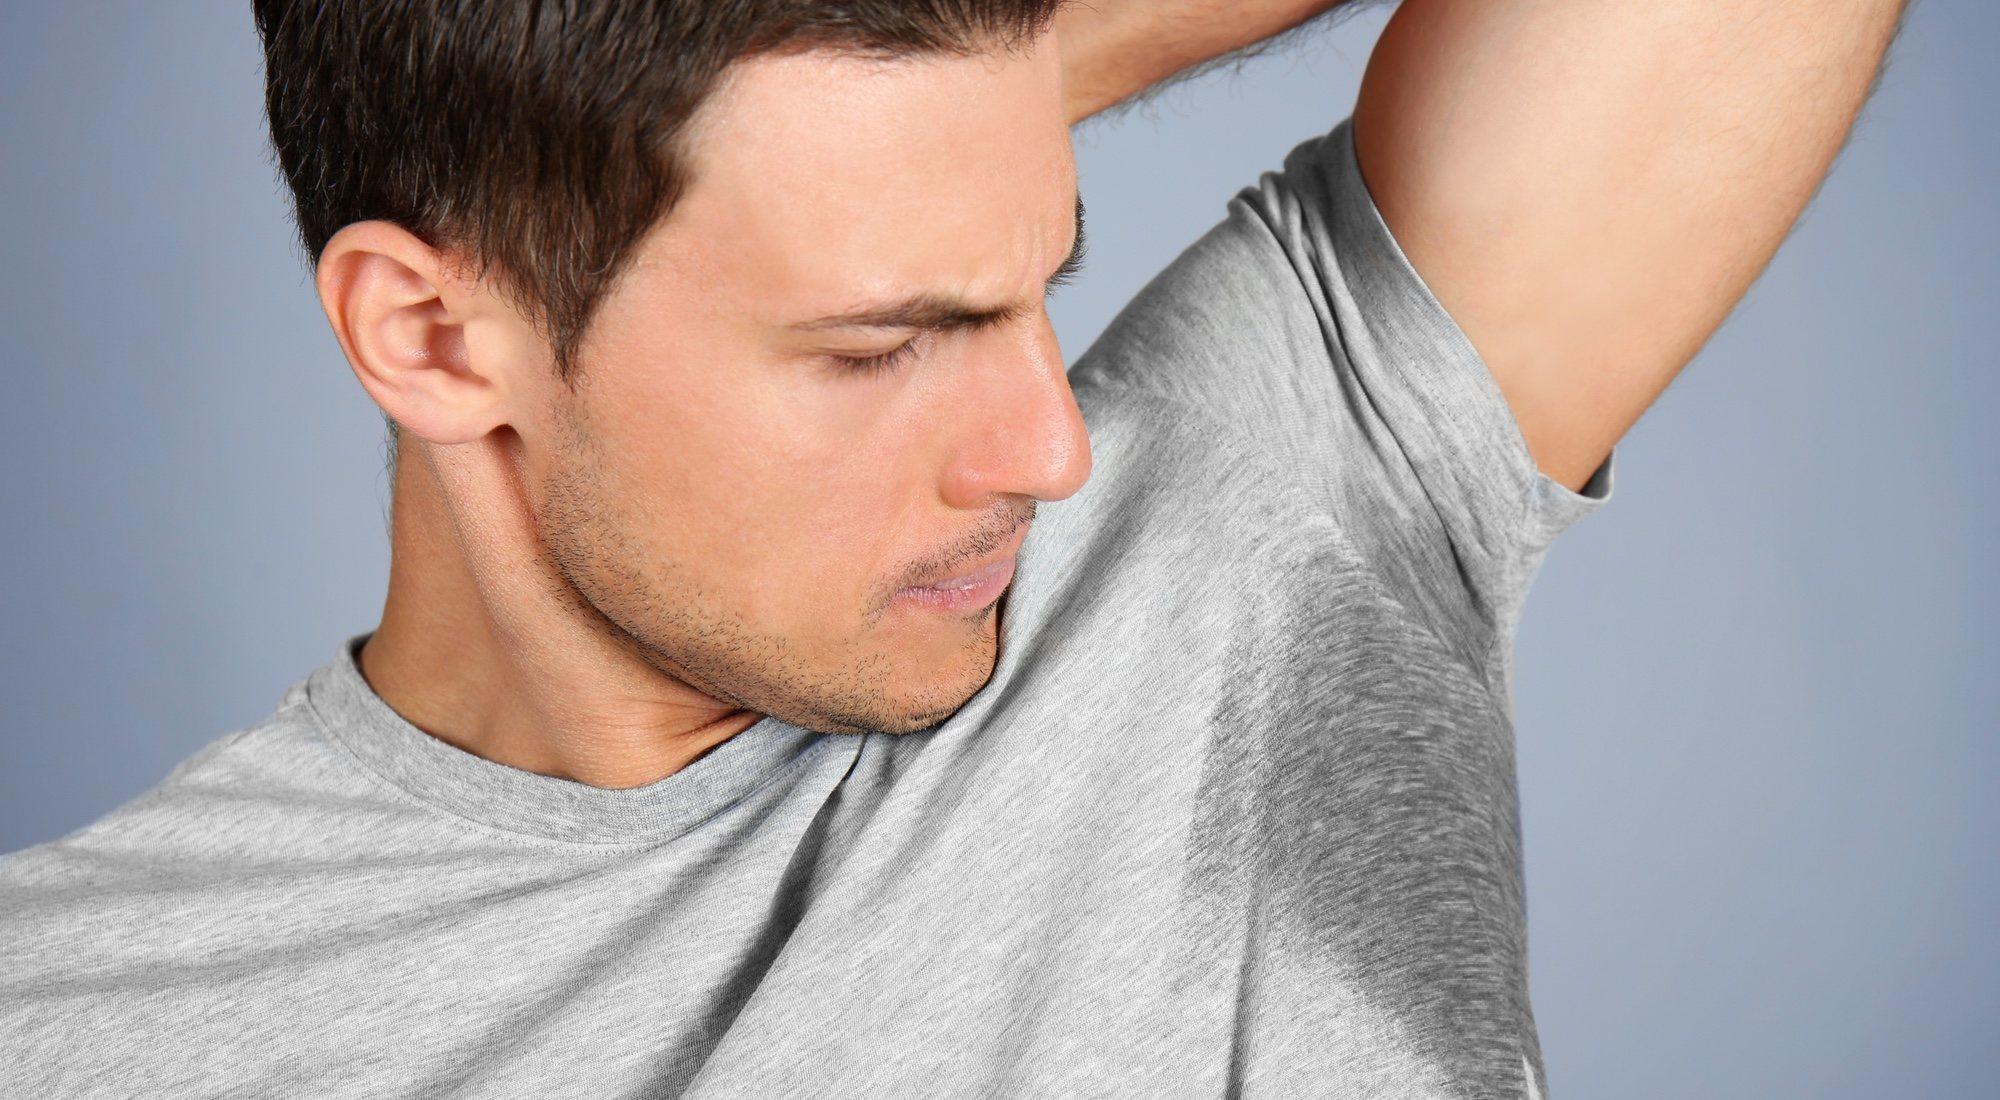 La hiperhidrosis o exceso de sudoración: qué es, formas de combatirlo y soluciones